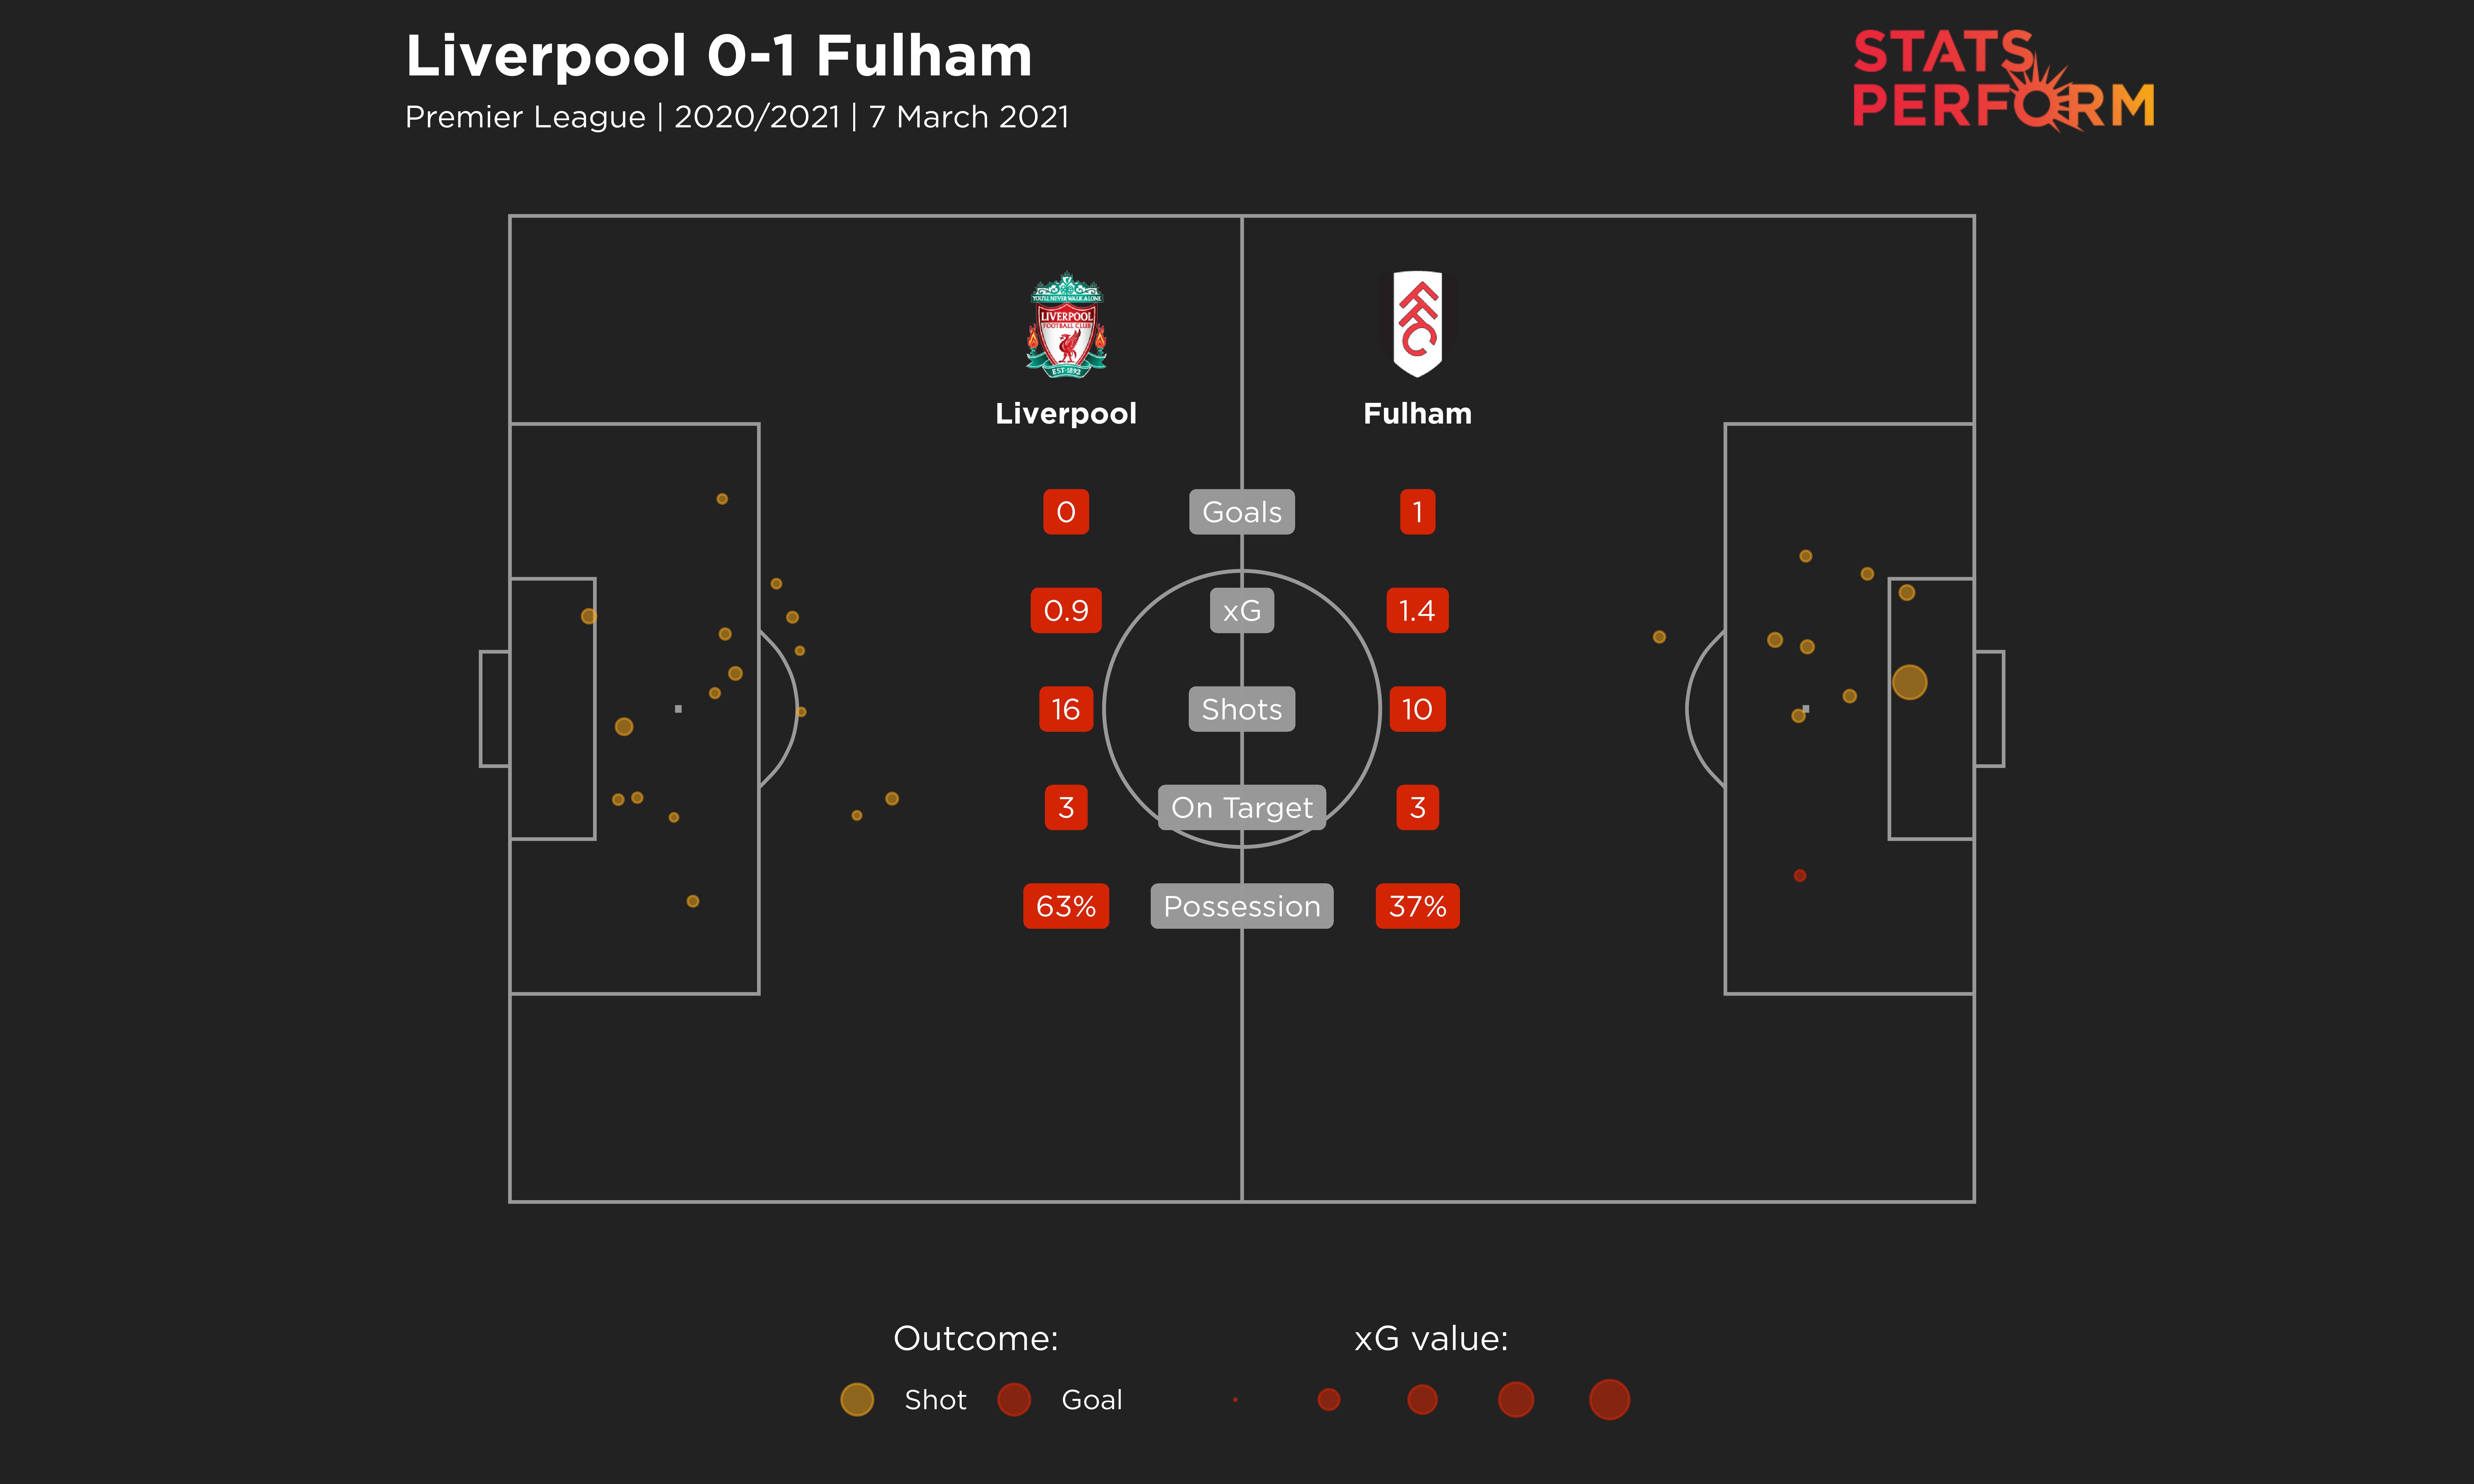 Liverpool v Fulham match stats